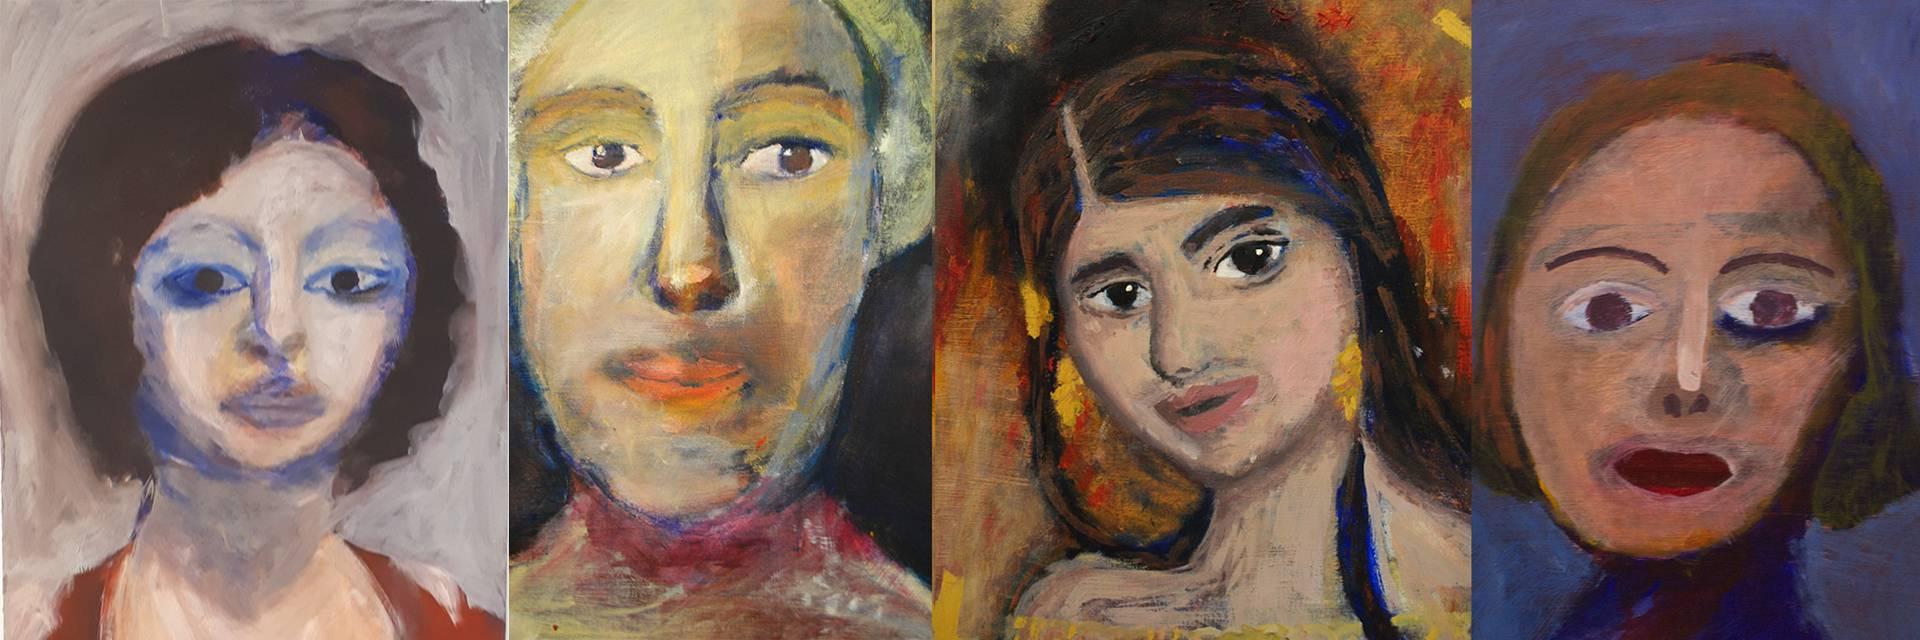 lasten muotokuvamaalauksia